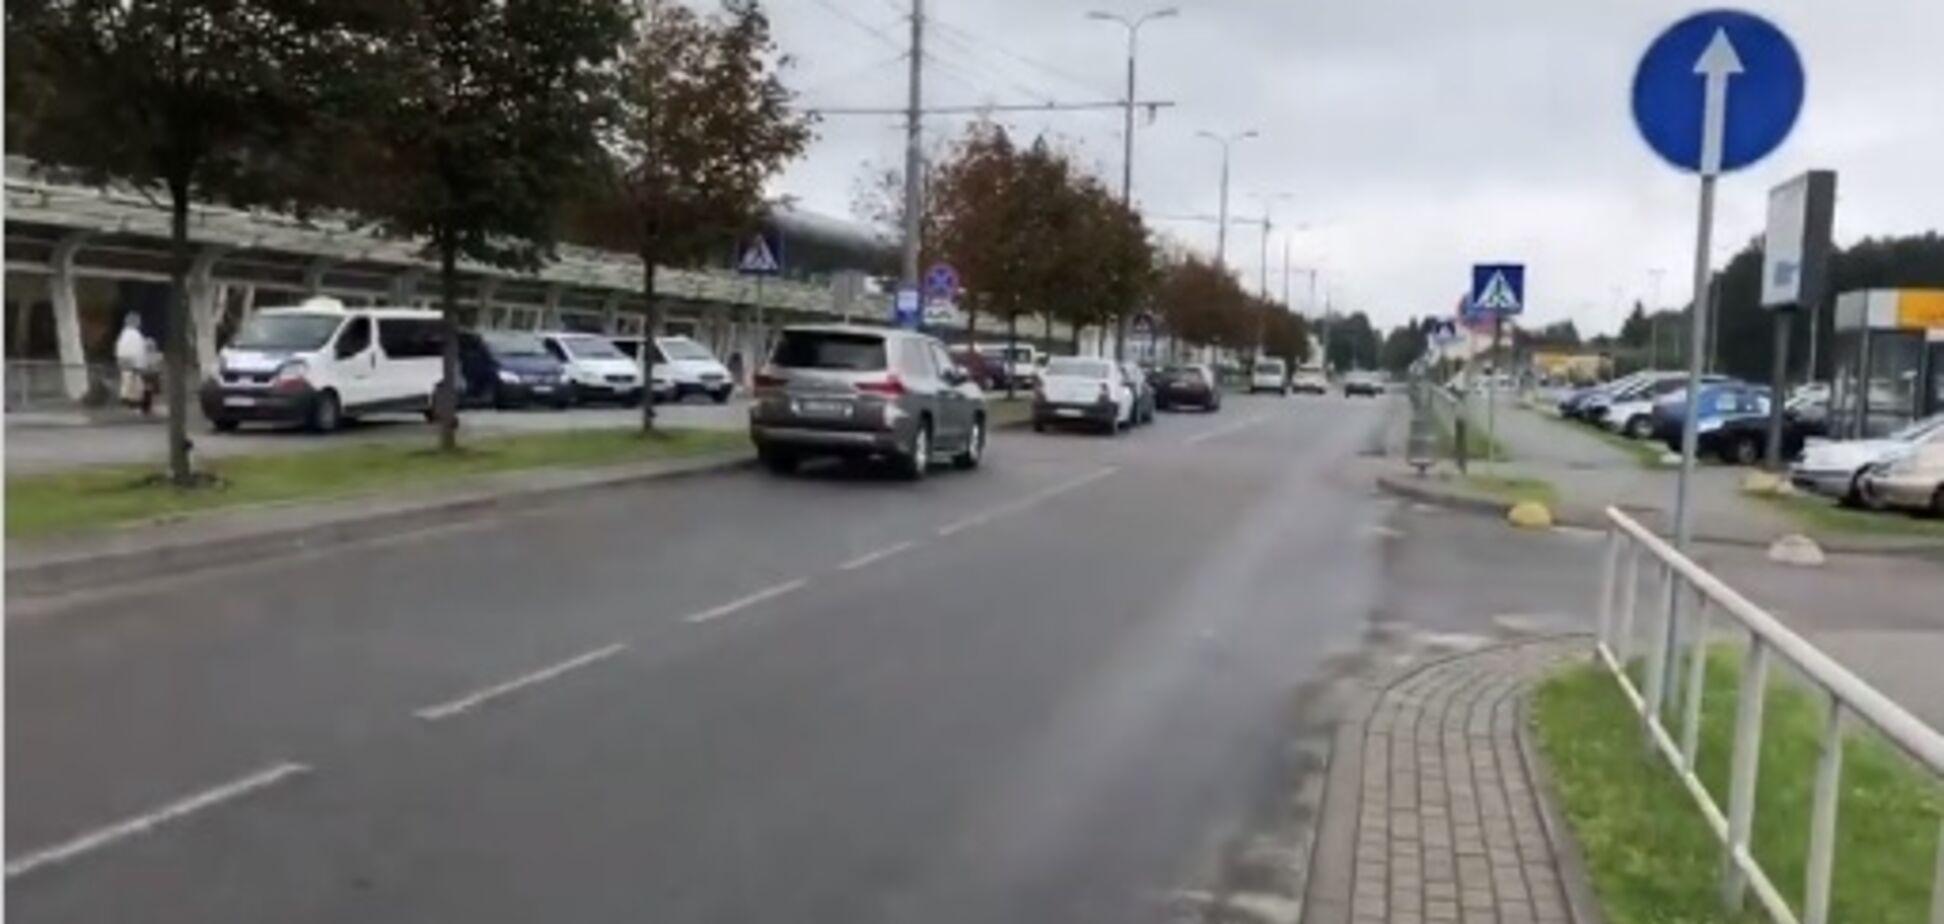 'Платить - дело лоха': видео с 'героями парковки' во Львове разозлило украинцев